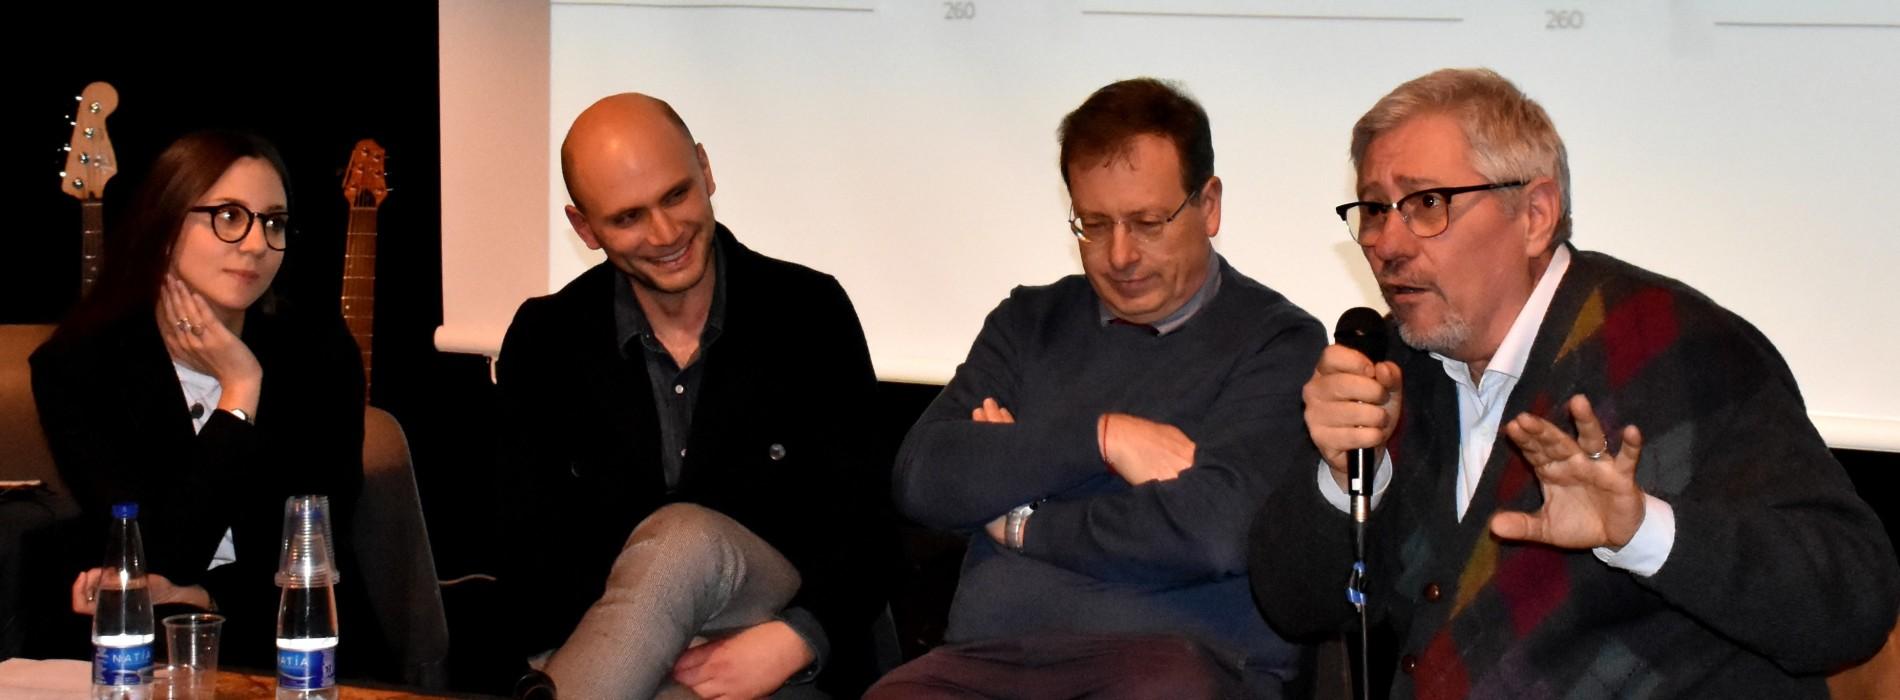 IntimaLente, un omaggio all'Africa vince il cinefest di Caserta